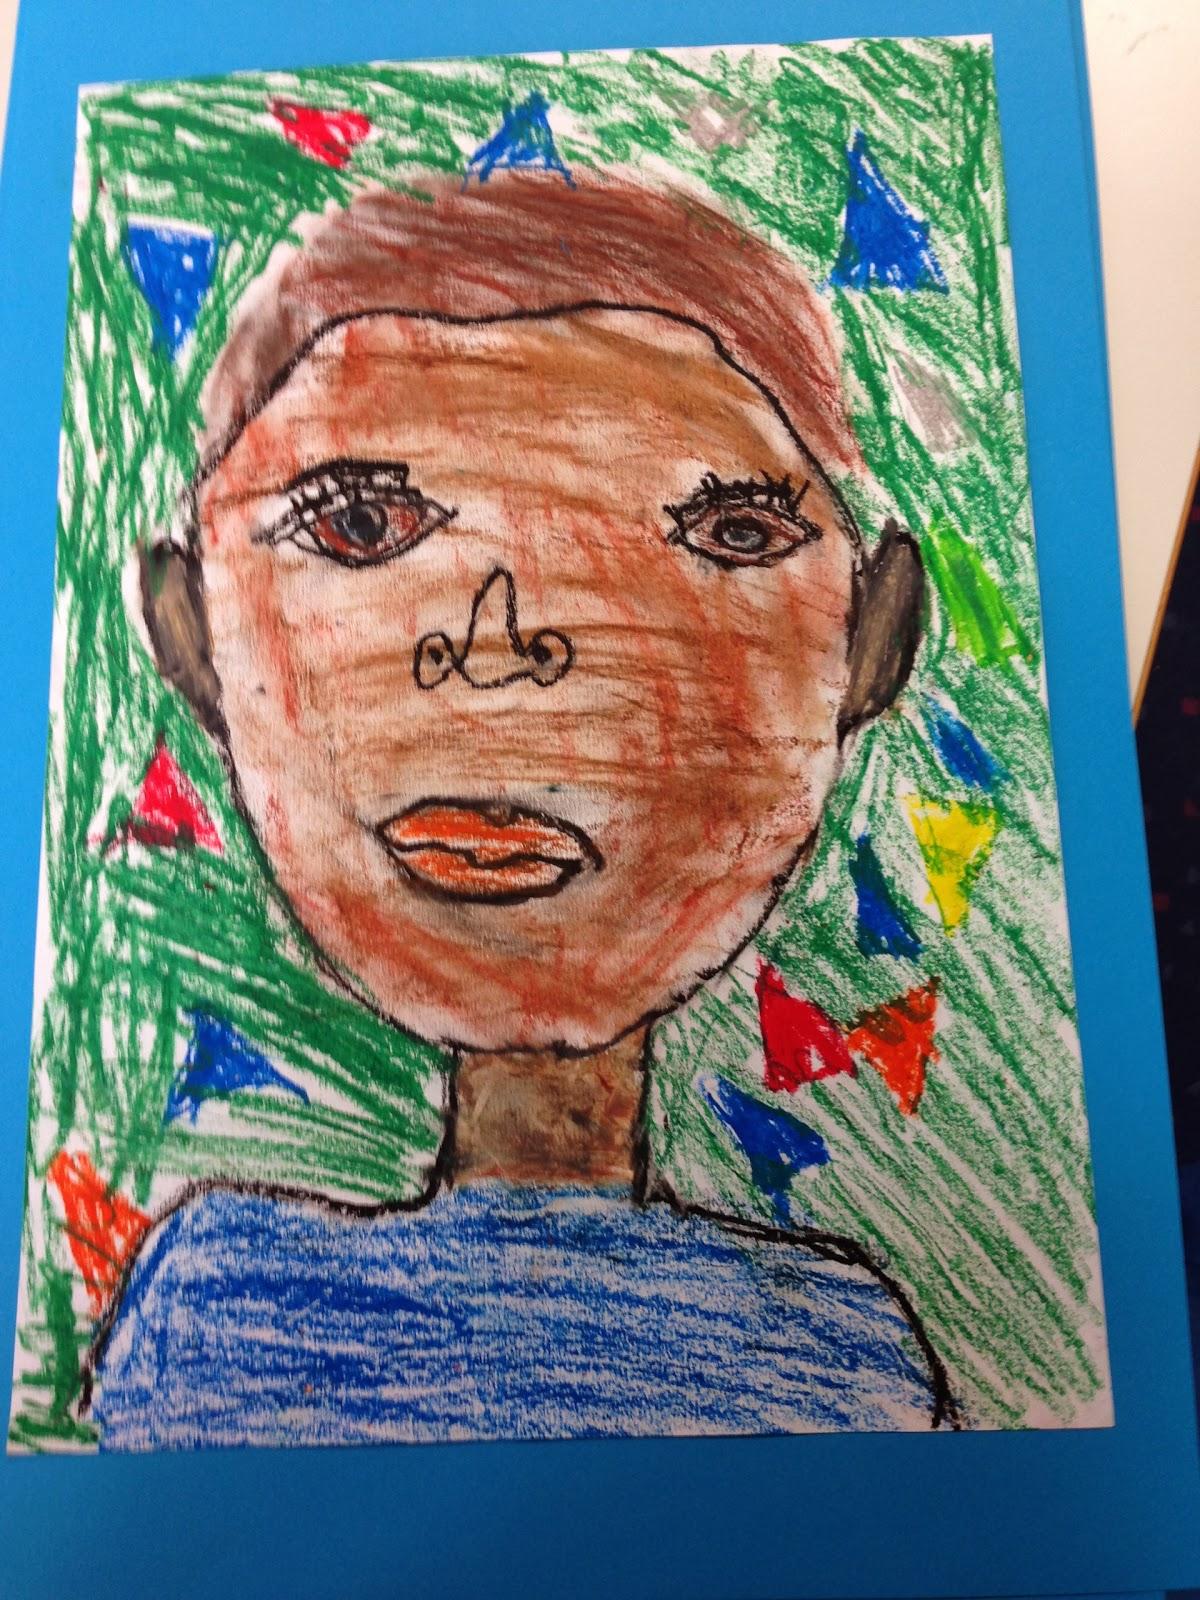 Grundschule 2.0: Selbstporträts zeichnen in der Grundschule